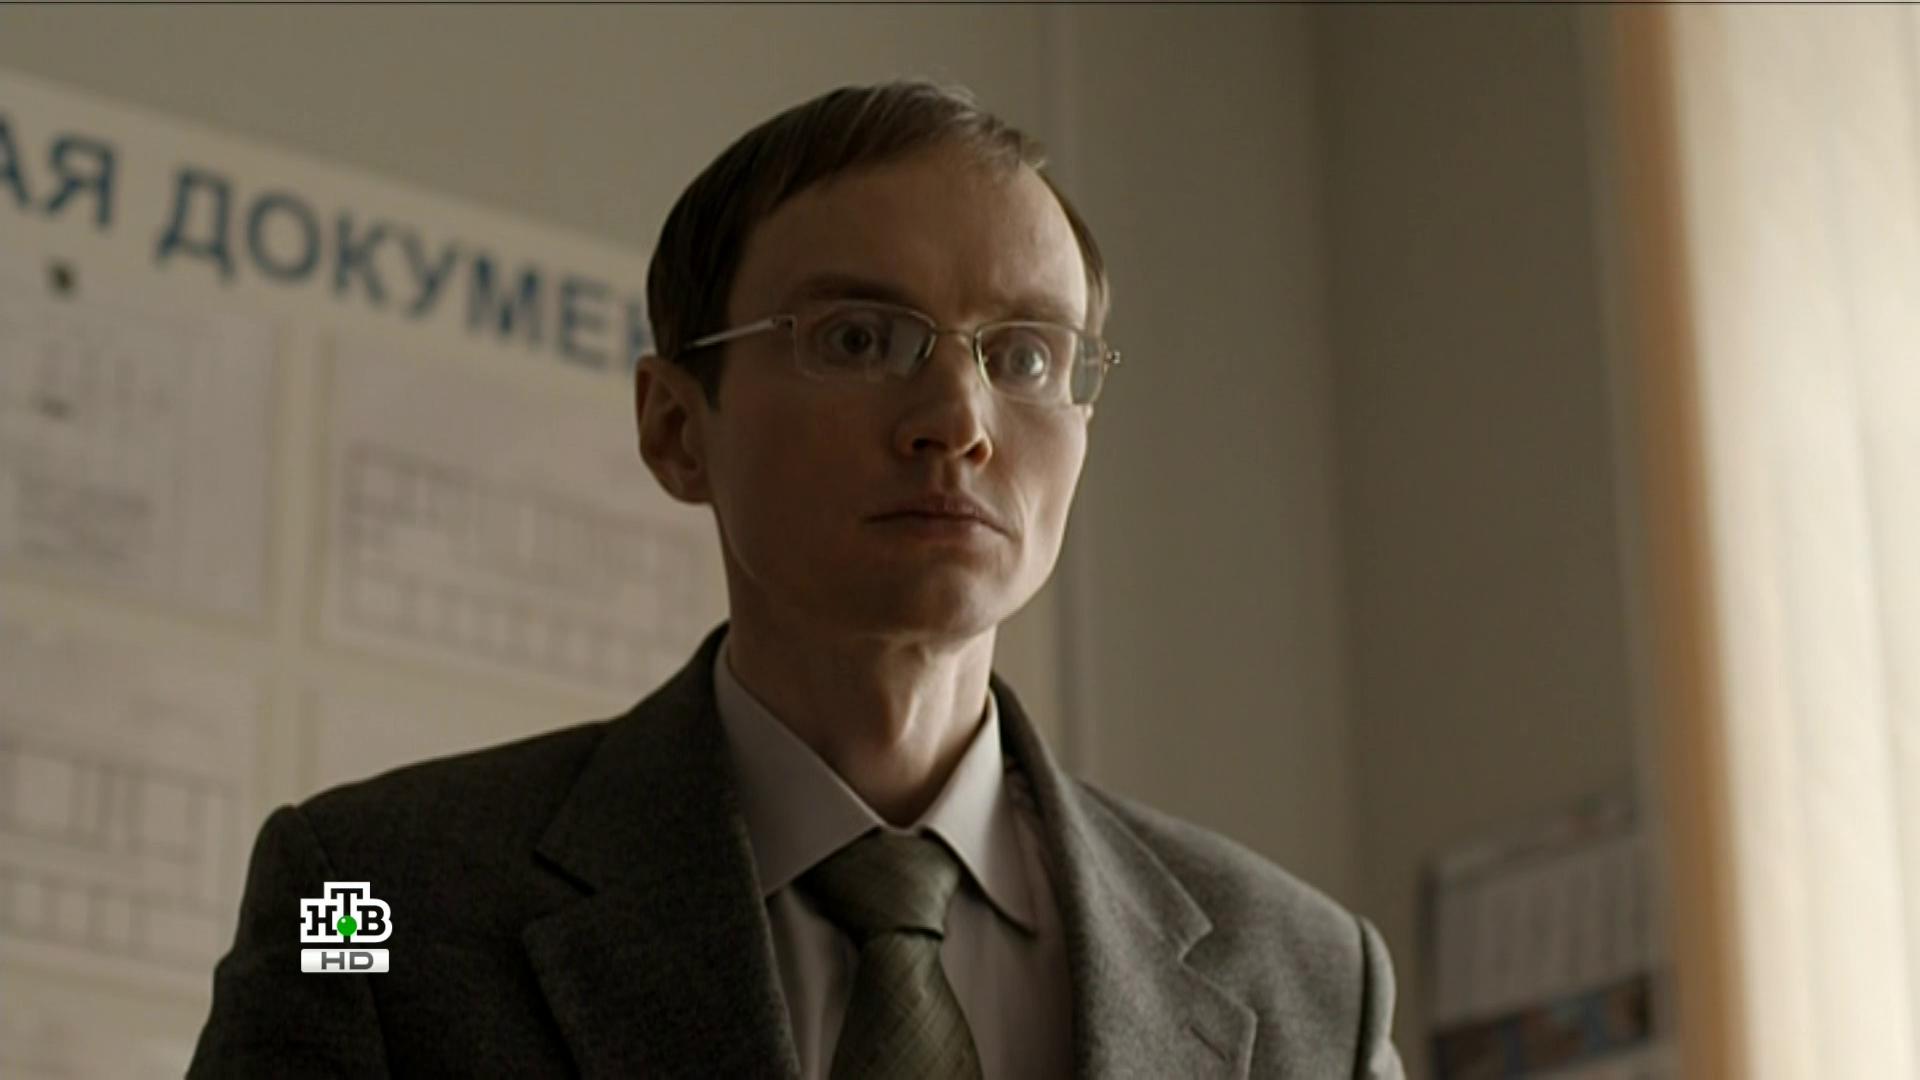 Внутреннее расследование (2014) 720p HD скачать торрент